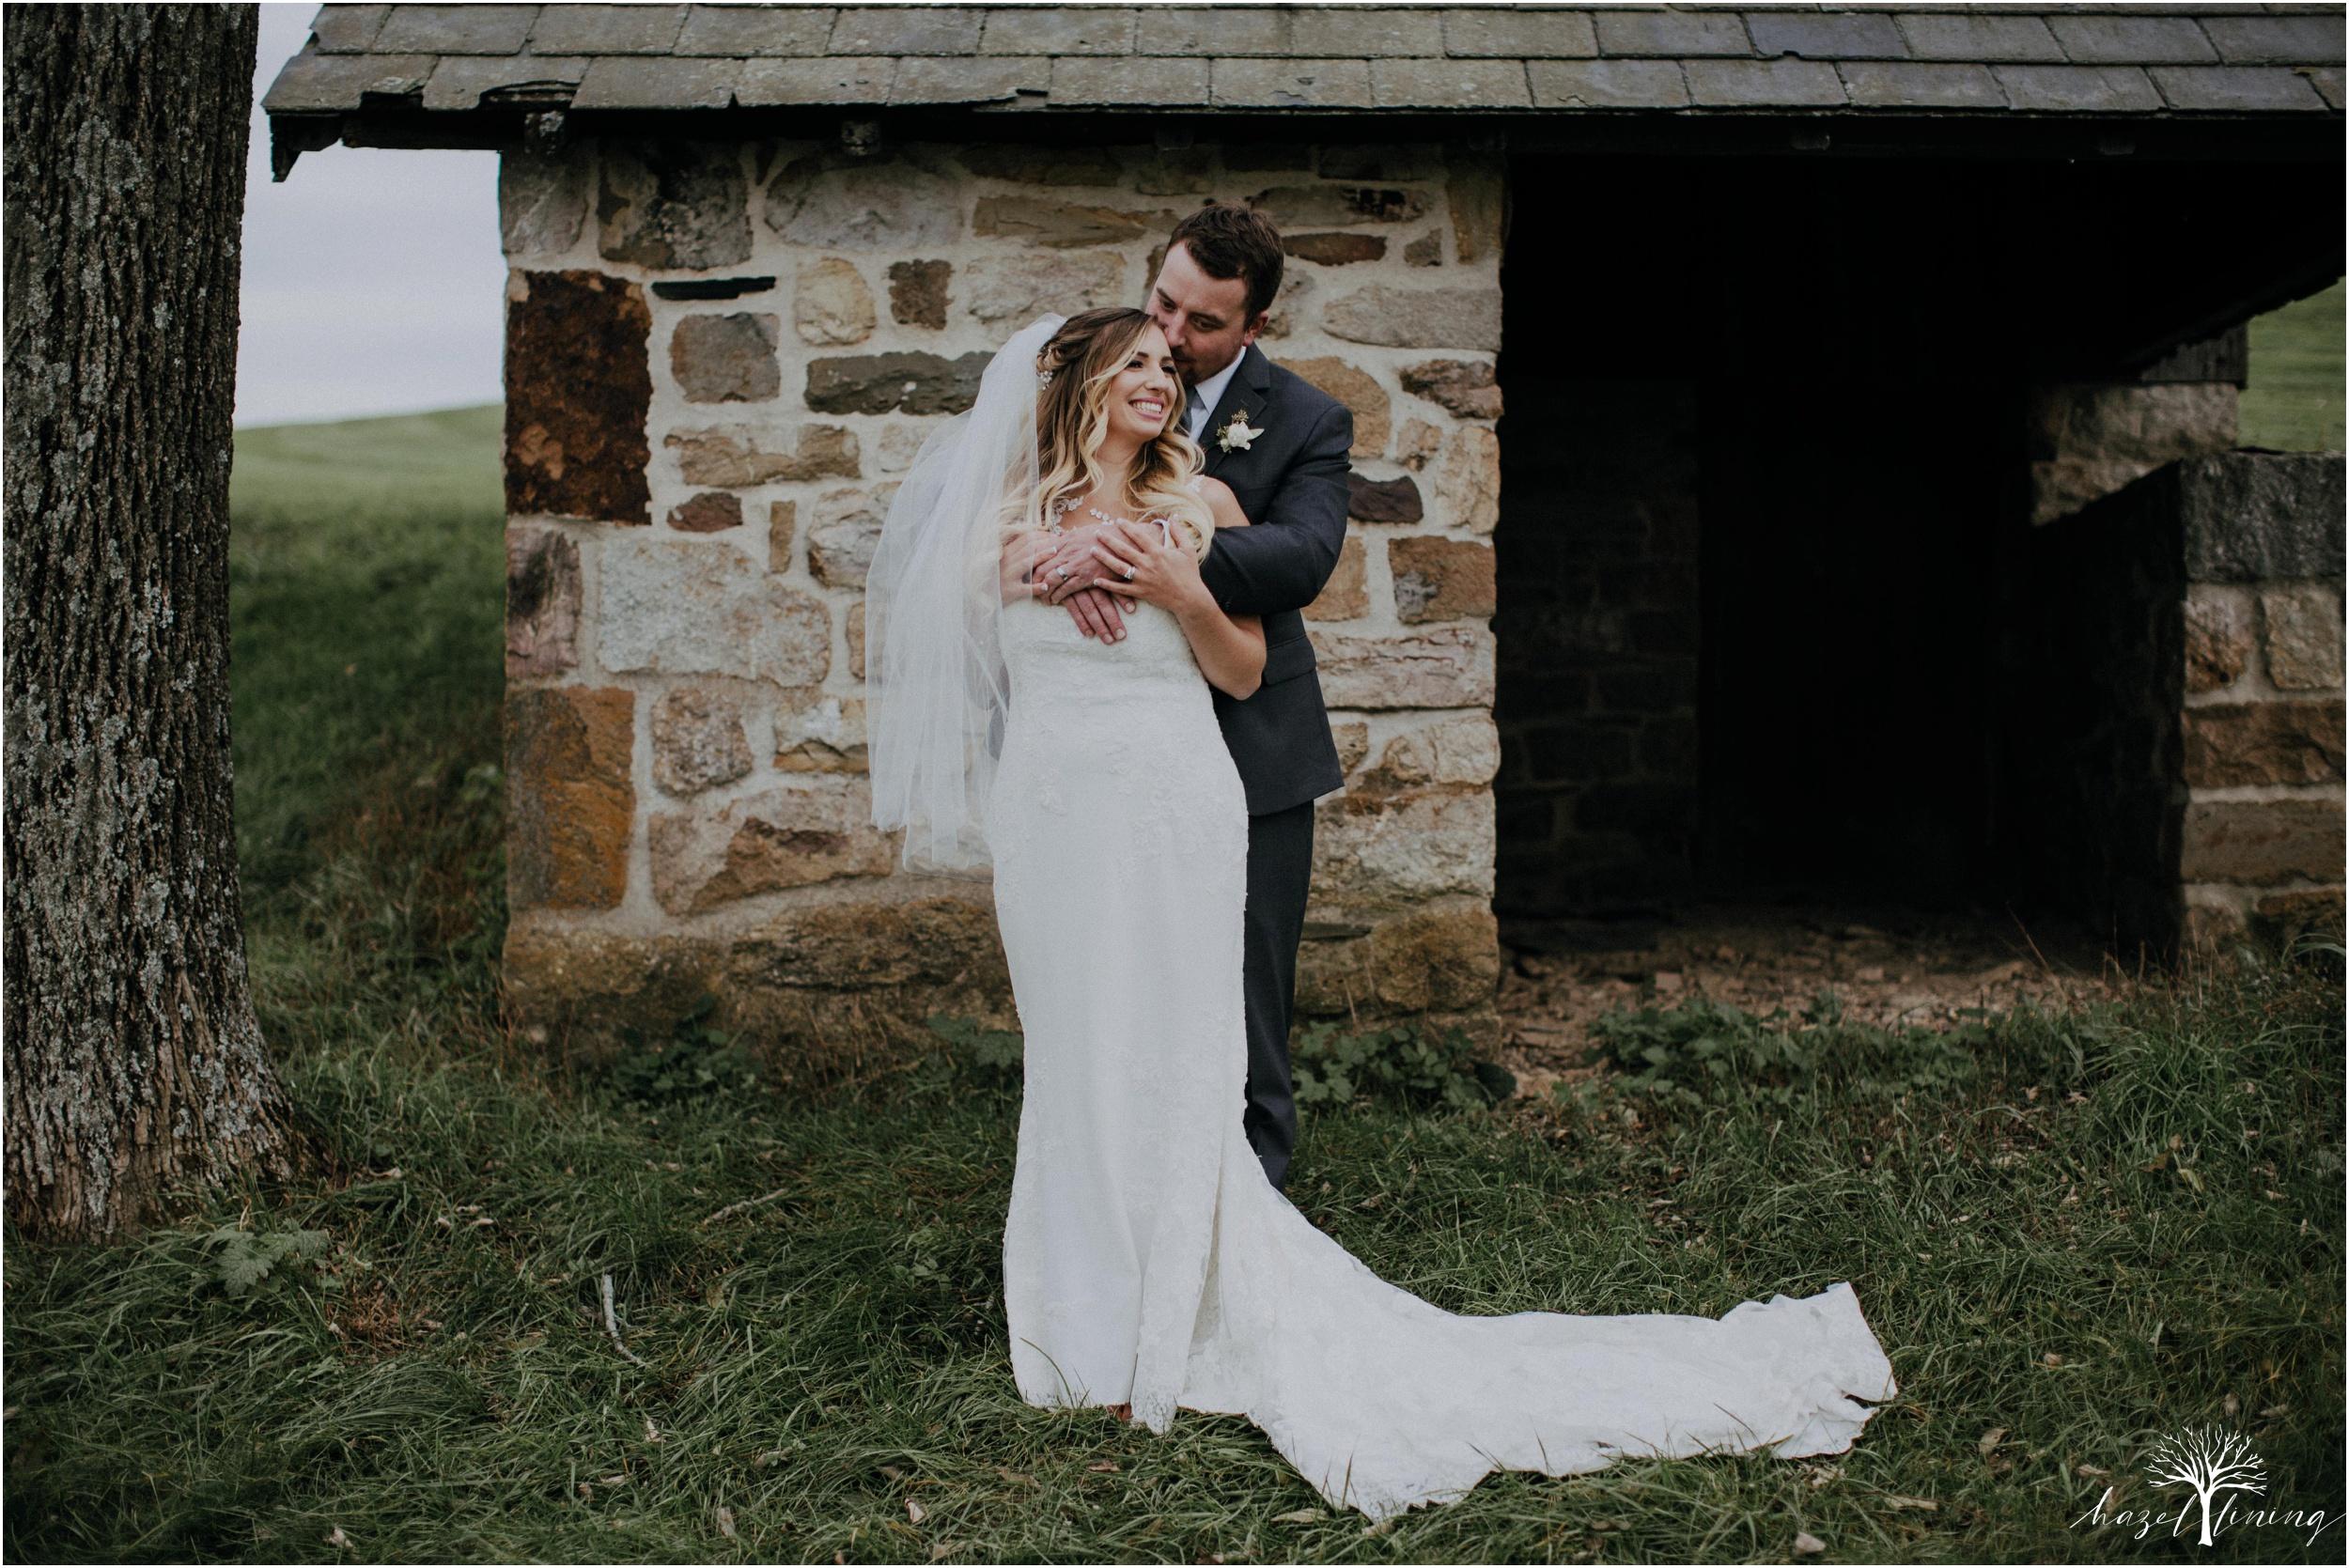 jessie-martin-zach-umlauf-olde-homestead-golfclub-outdoor-autumn-wedding_0121.jpg